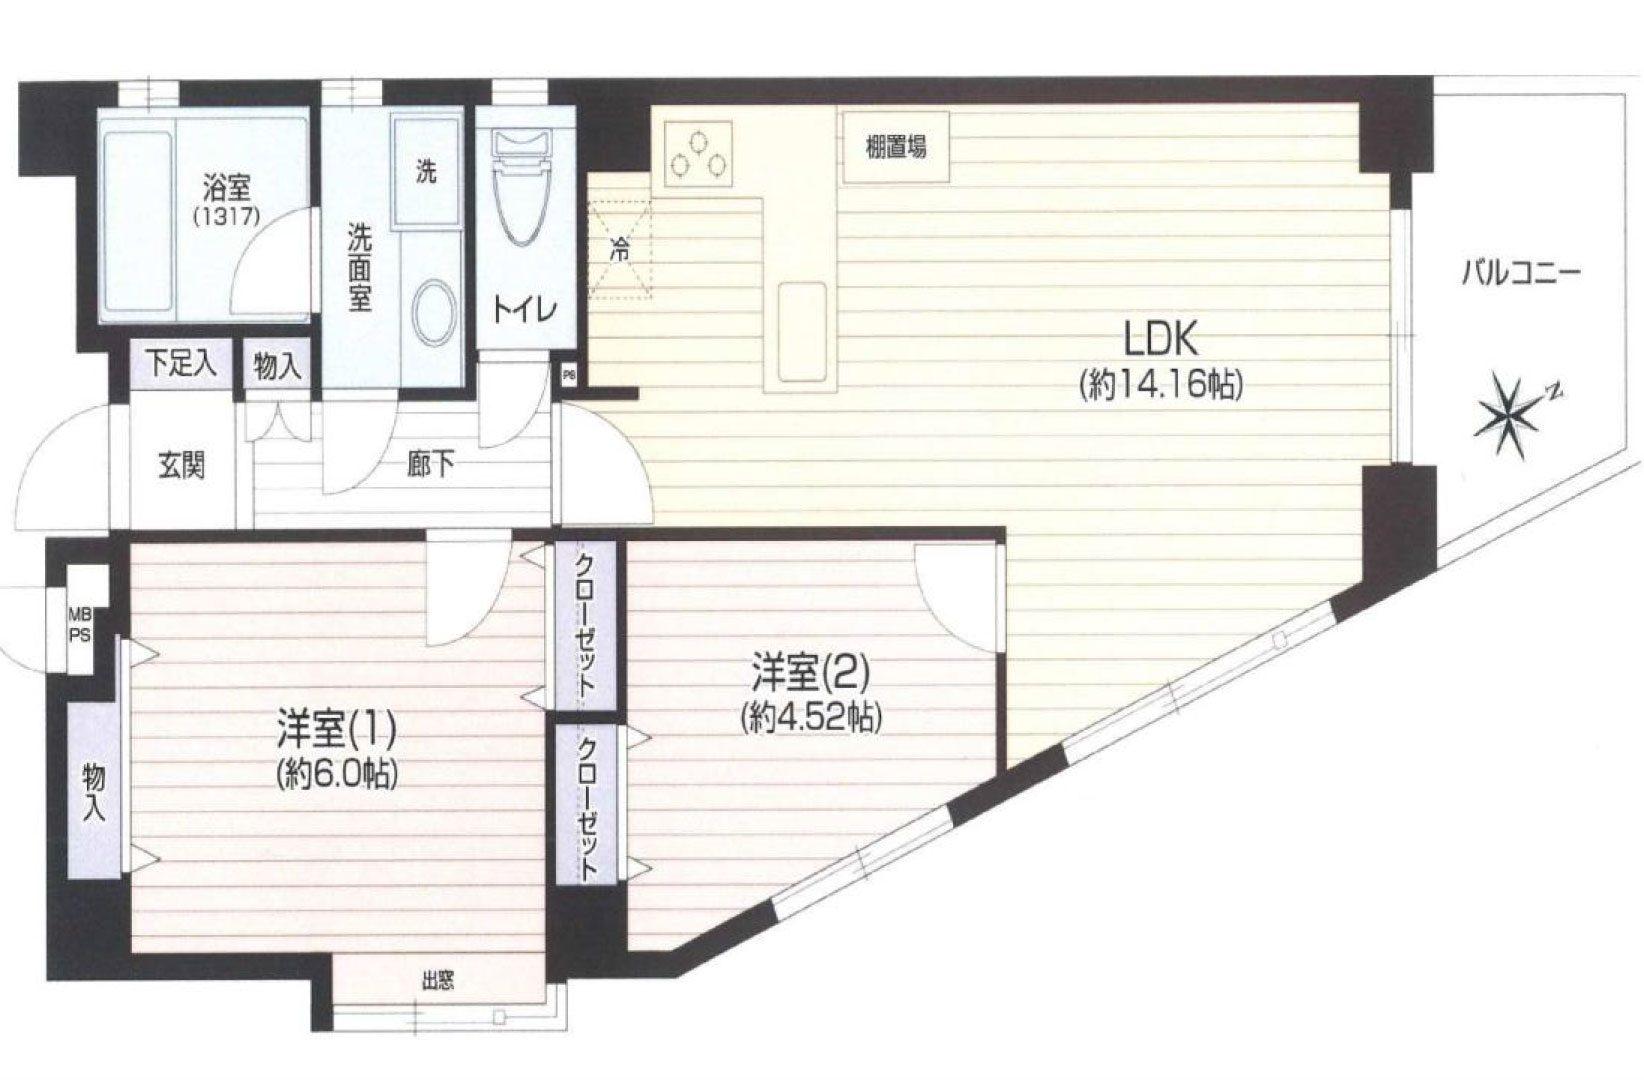 新丸子 モナークマンション武蔵小杉Ⅱプラチナコート 間取り図